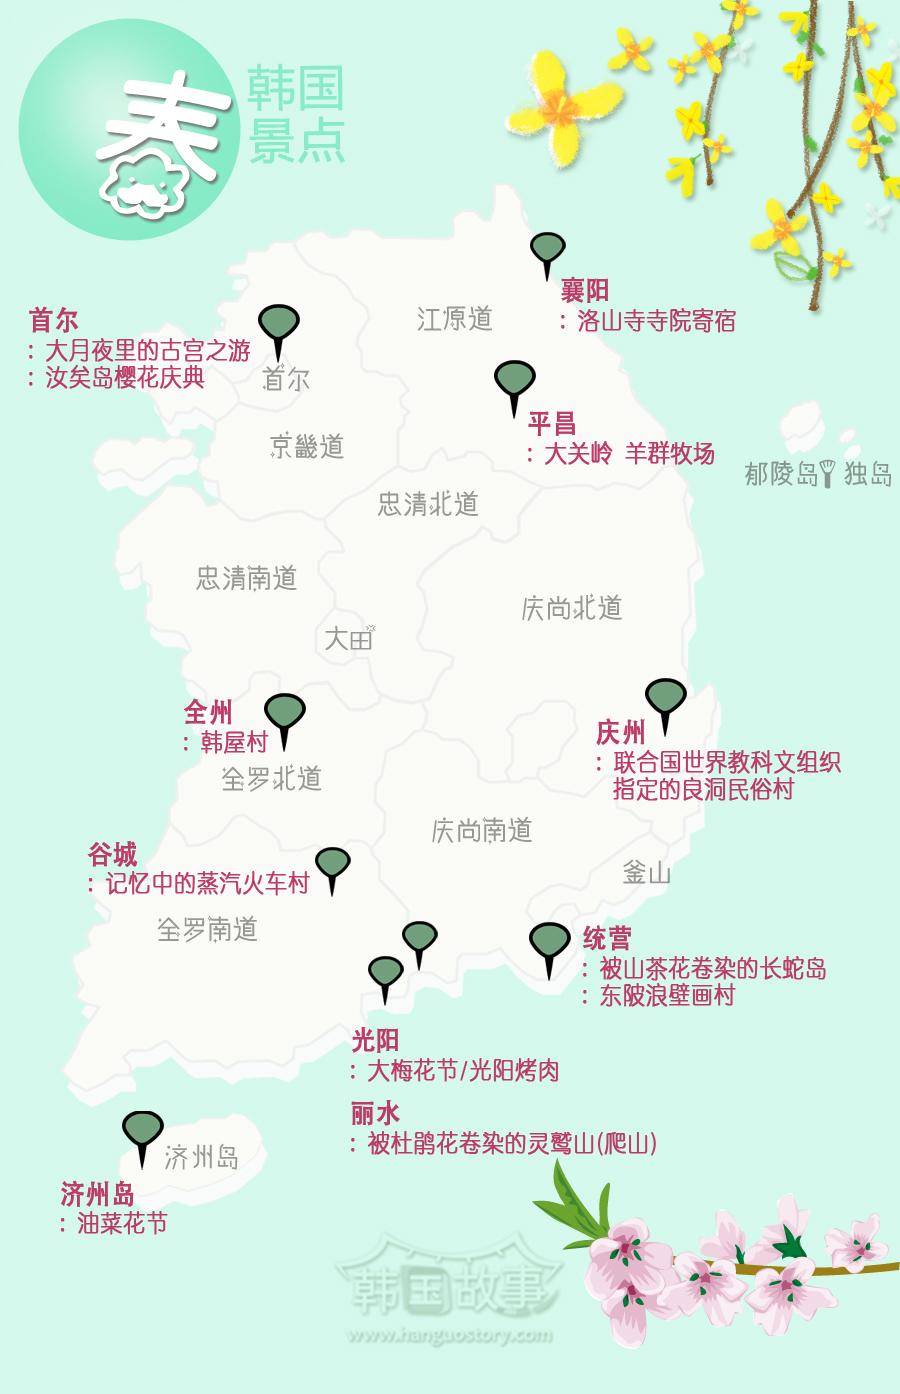 봄에 갈만한 한국여행지 한눈에 보기.jpg